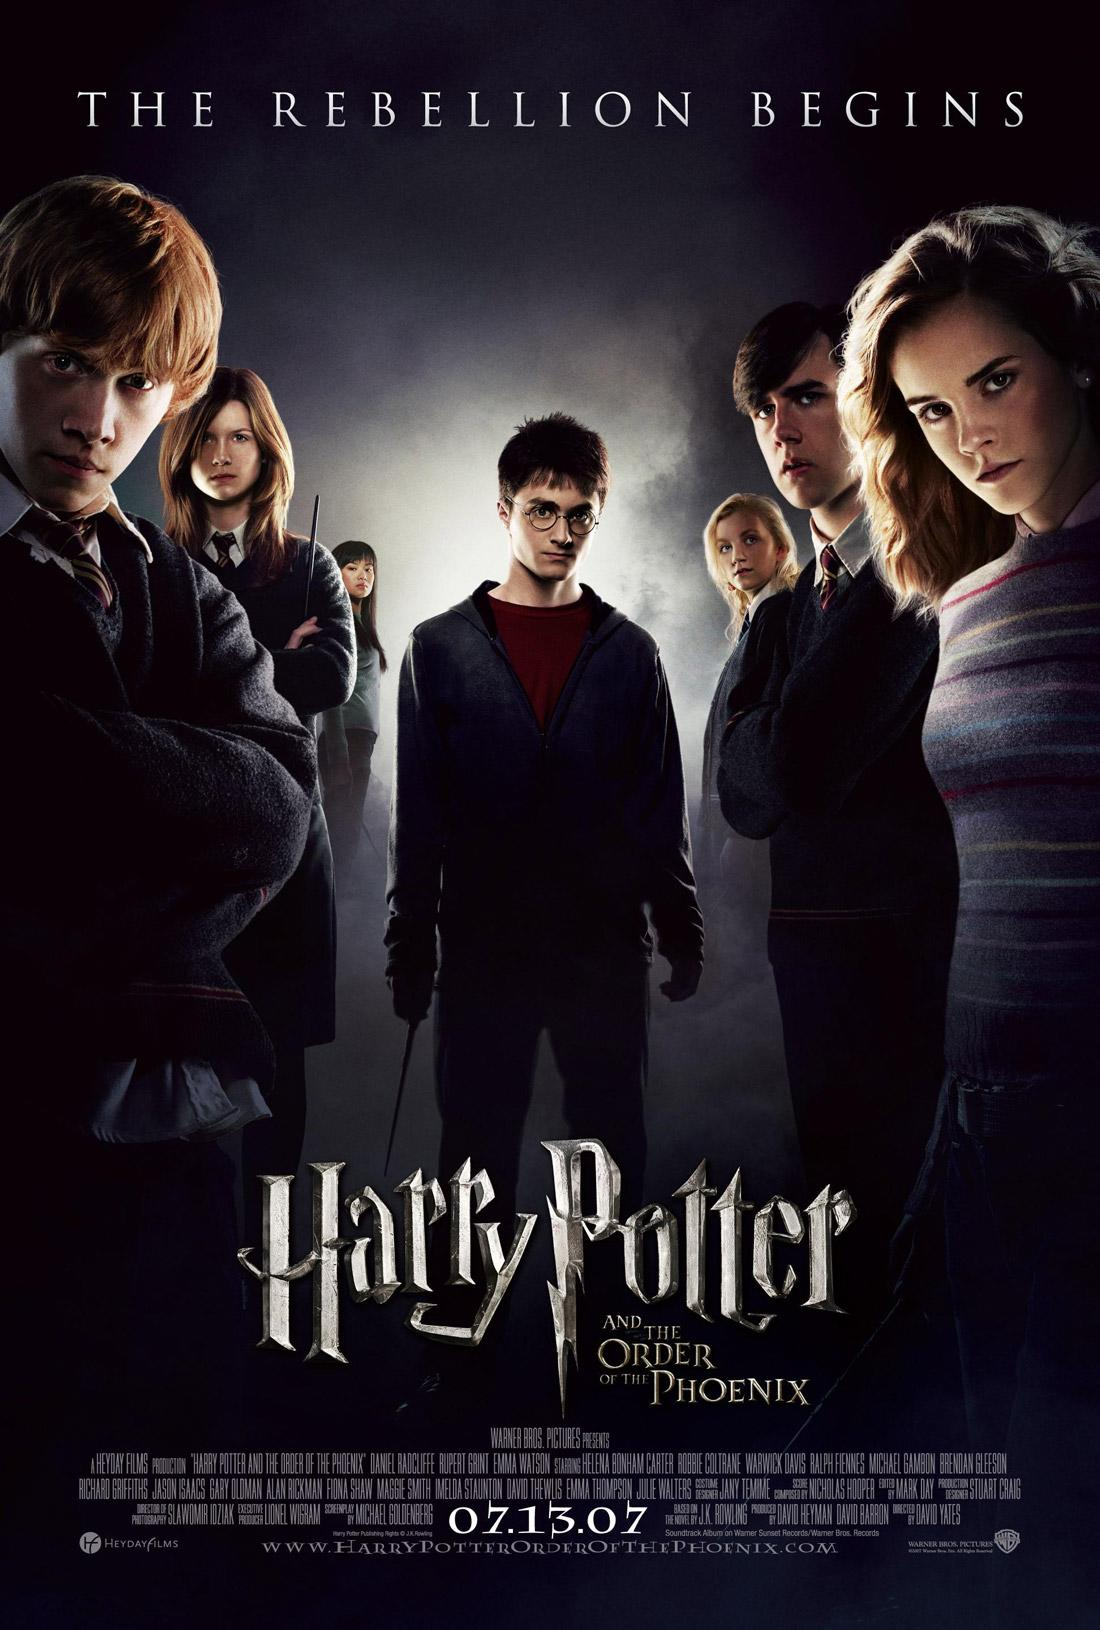 دانلود فیلم Harry Potter and the Order of the Phoenix 2007 با دوبله فارسی